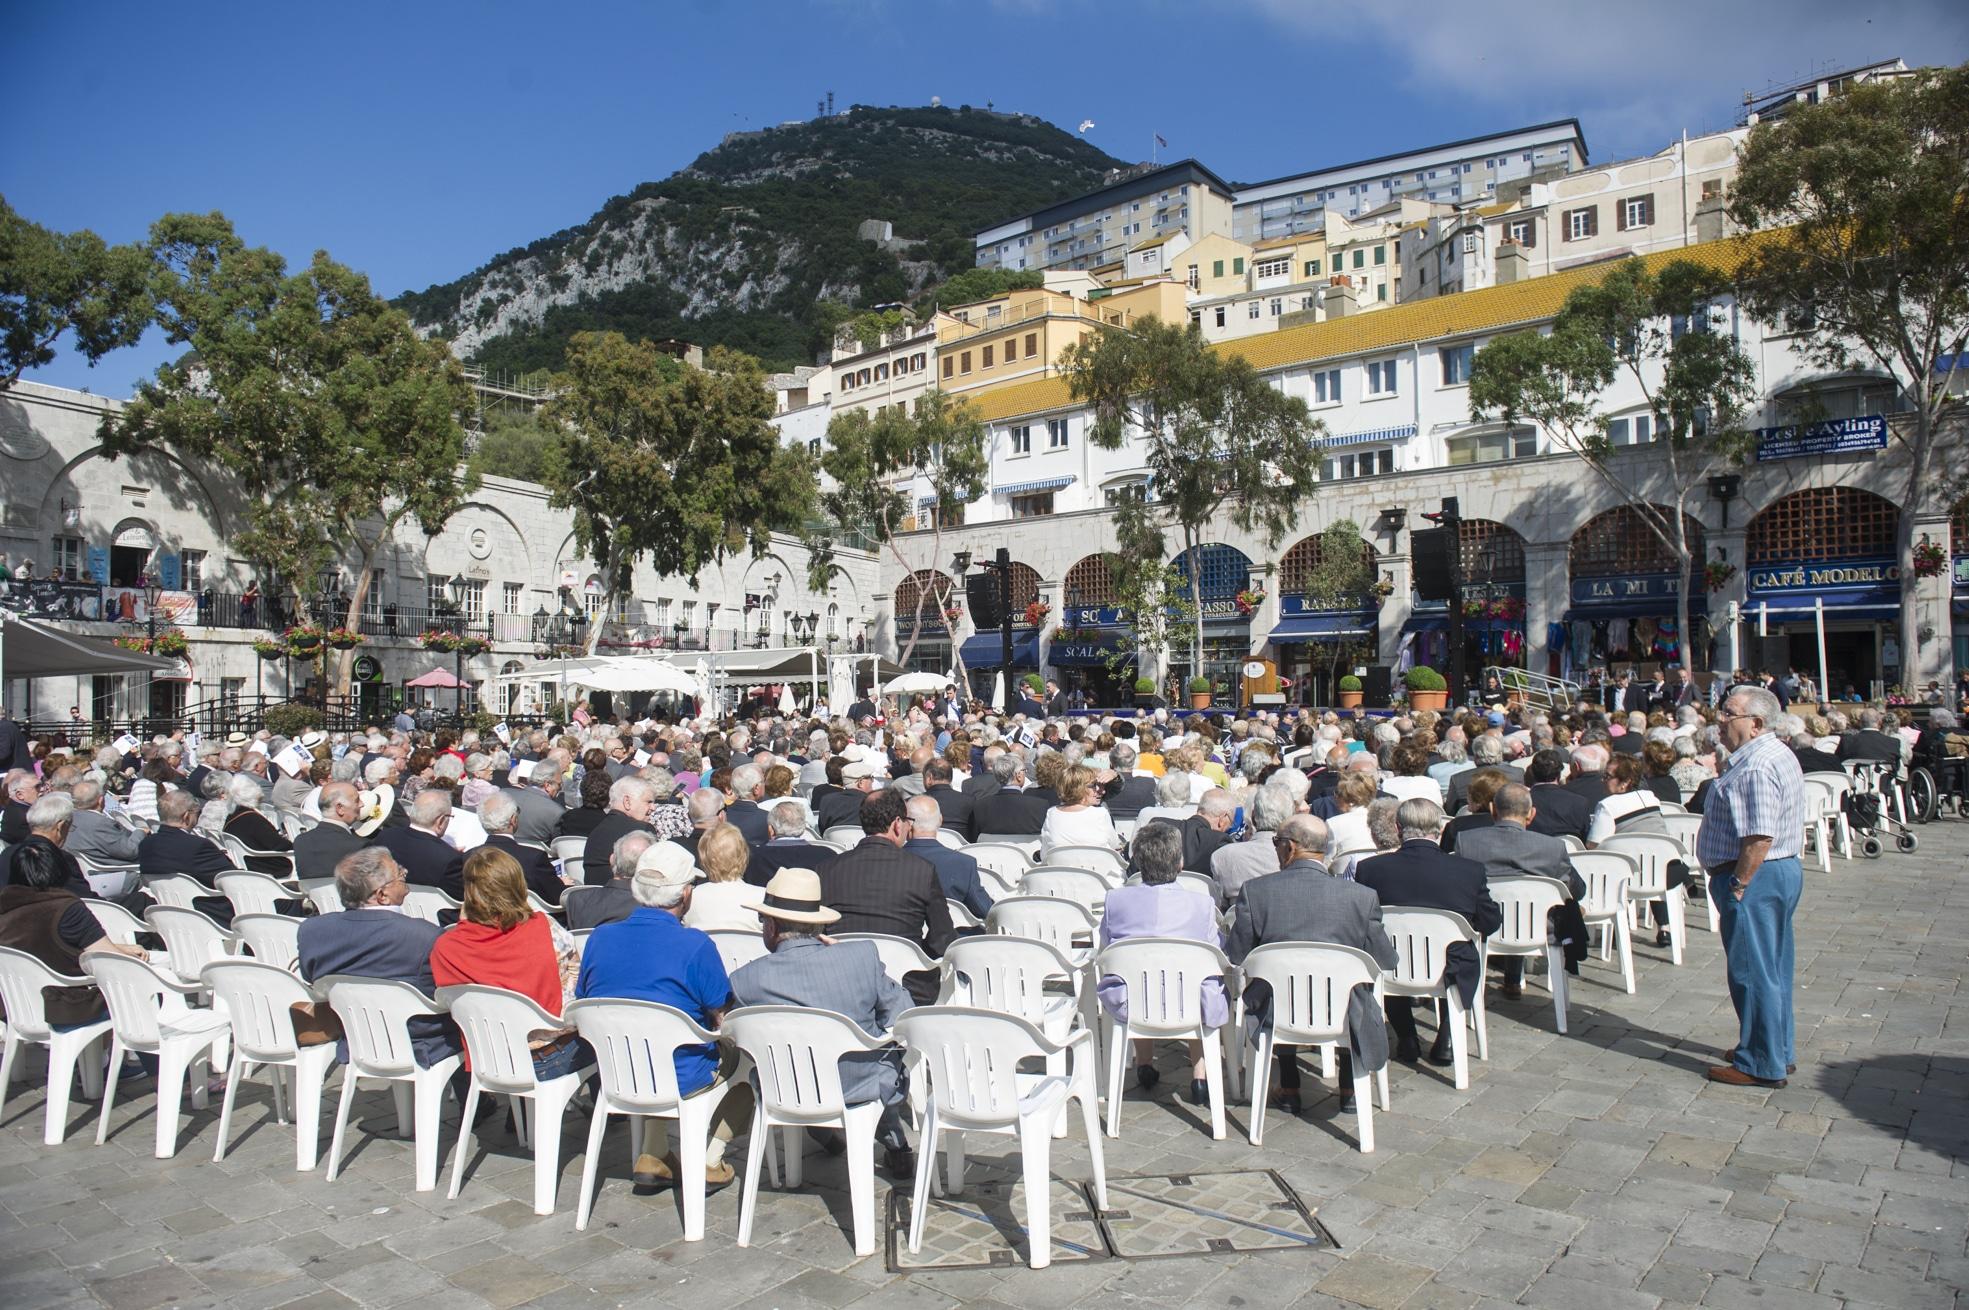 ceremonia-75-anos-evacuacion-gibraltar-22052015-01_17372600054_o